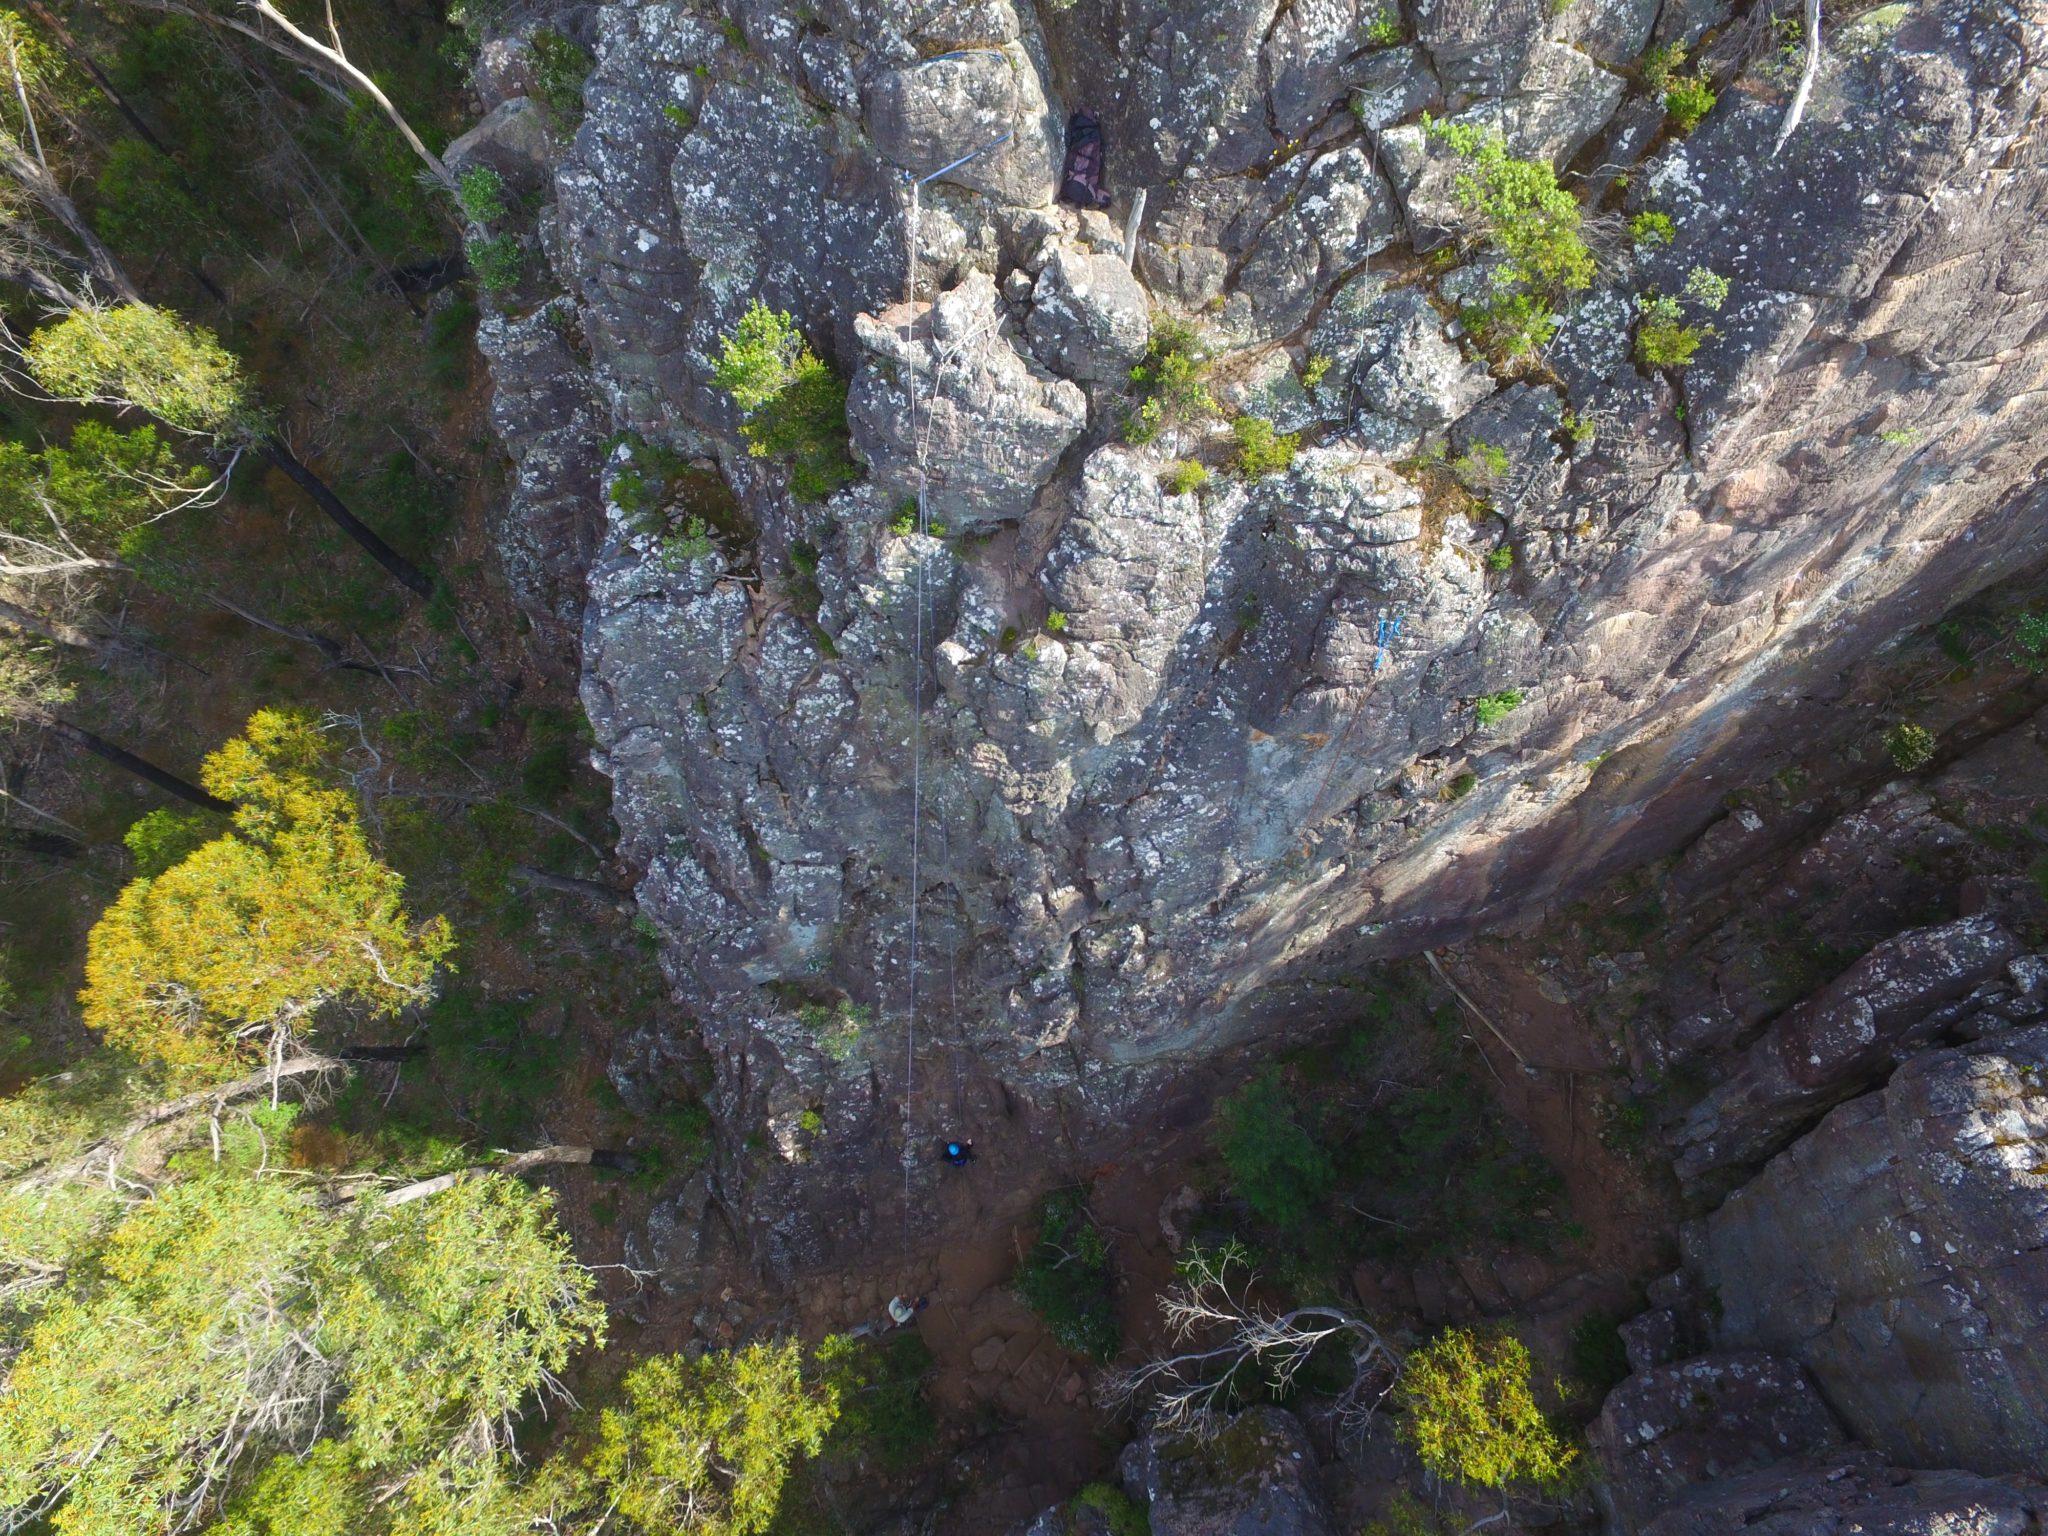 Grampians Rock Climbing